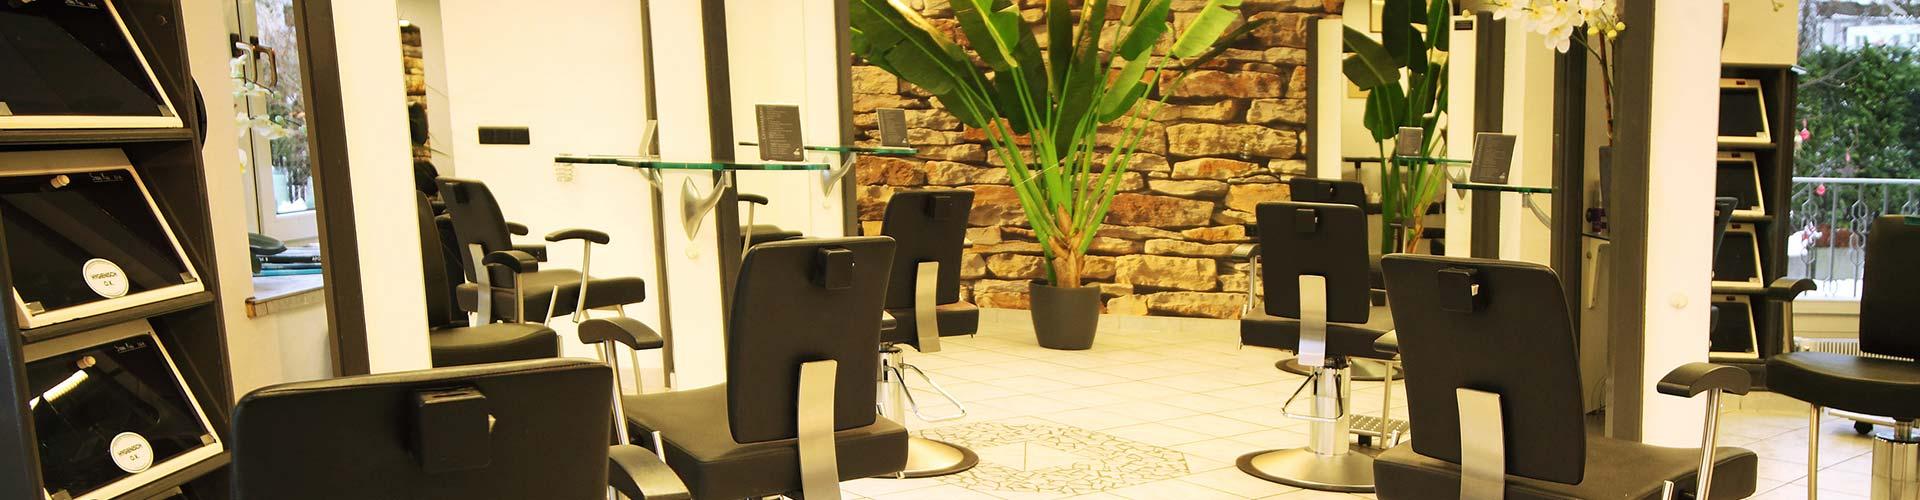 Friseur in Kempten